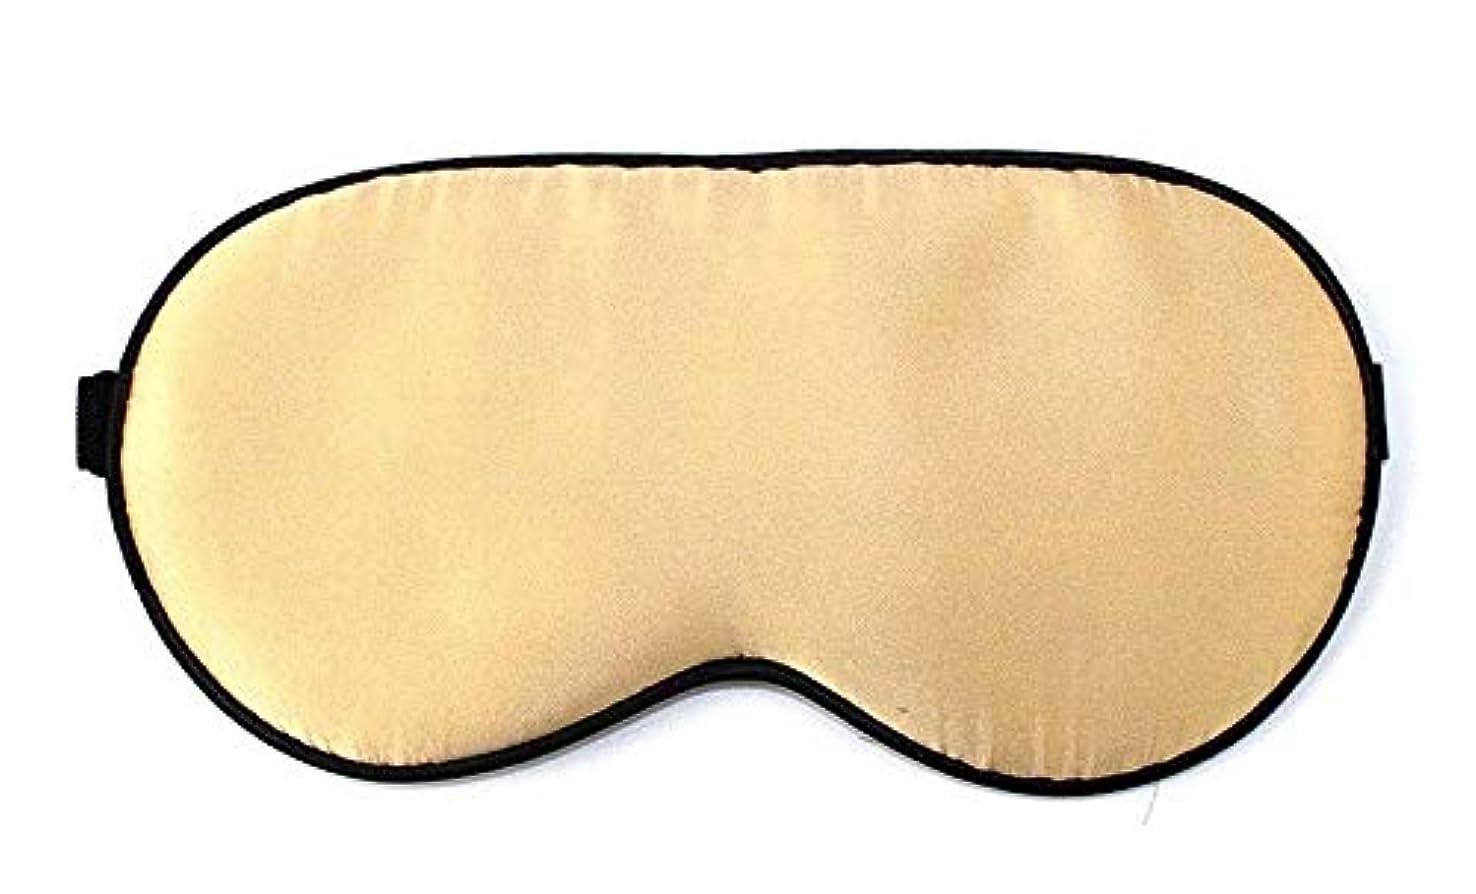 写真差し控える宣言するNOTE 睡眠マスクアイパッチ睡眠マスク高級シルクアイシェードファッションソフトポータブル旅行リラックス睡眠補助MP0188